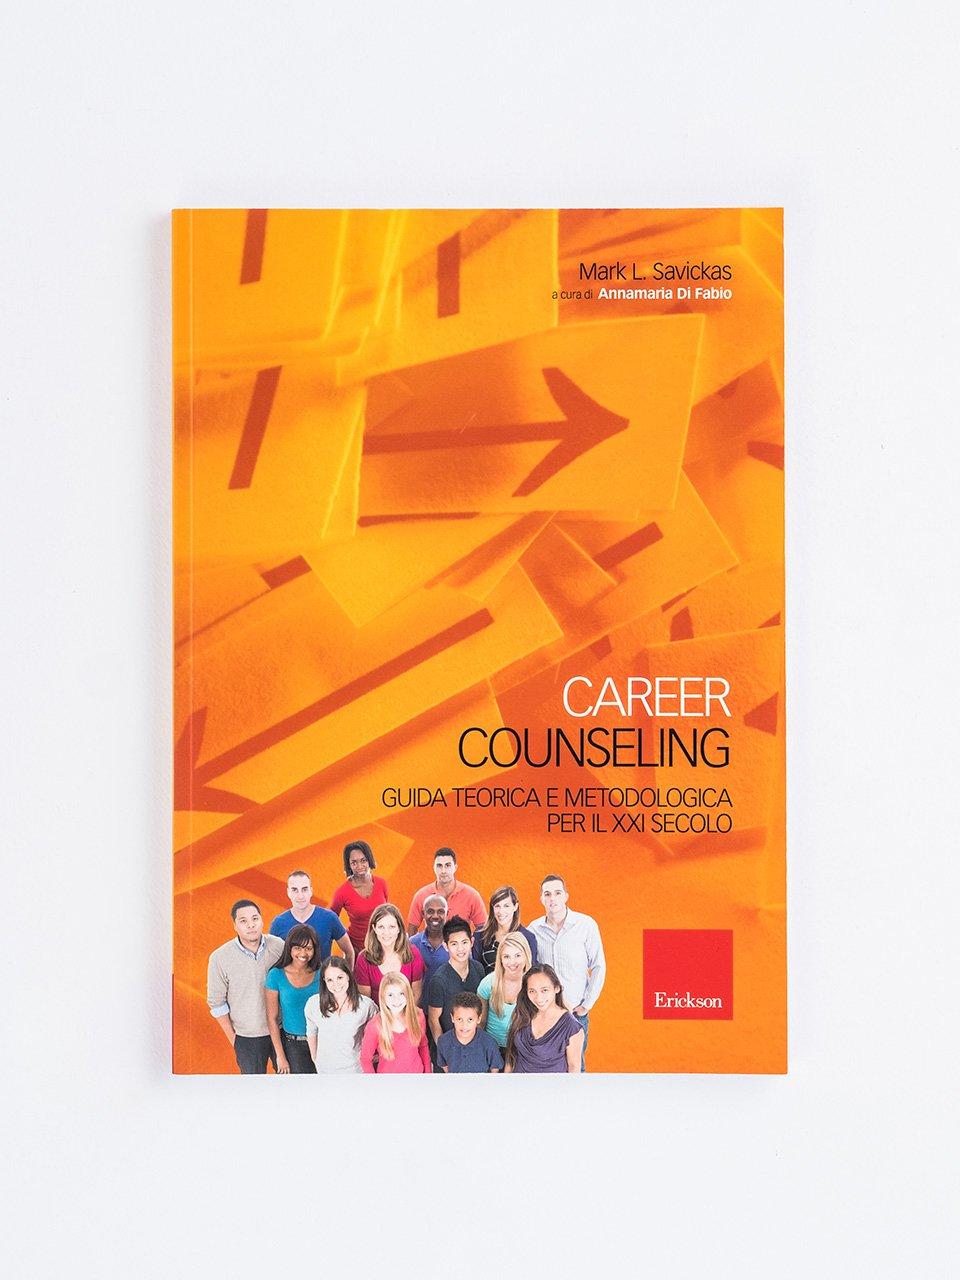 Career counseling - La regolazione delle emozioni in psicoterapia - Libri - Erickson